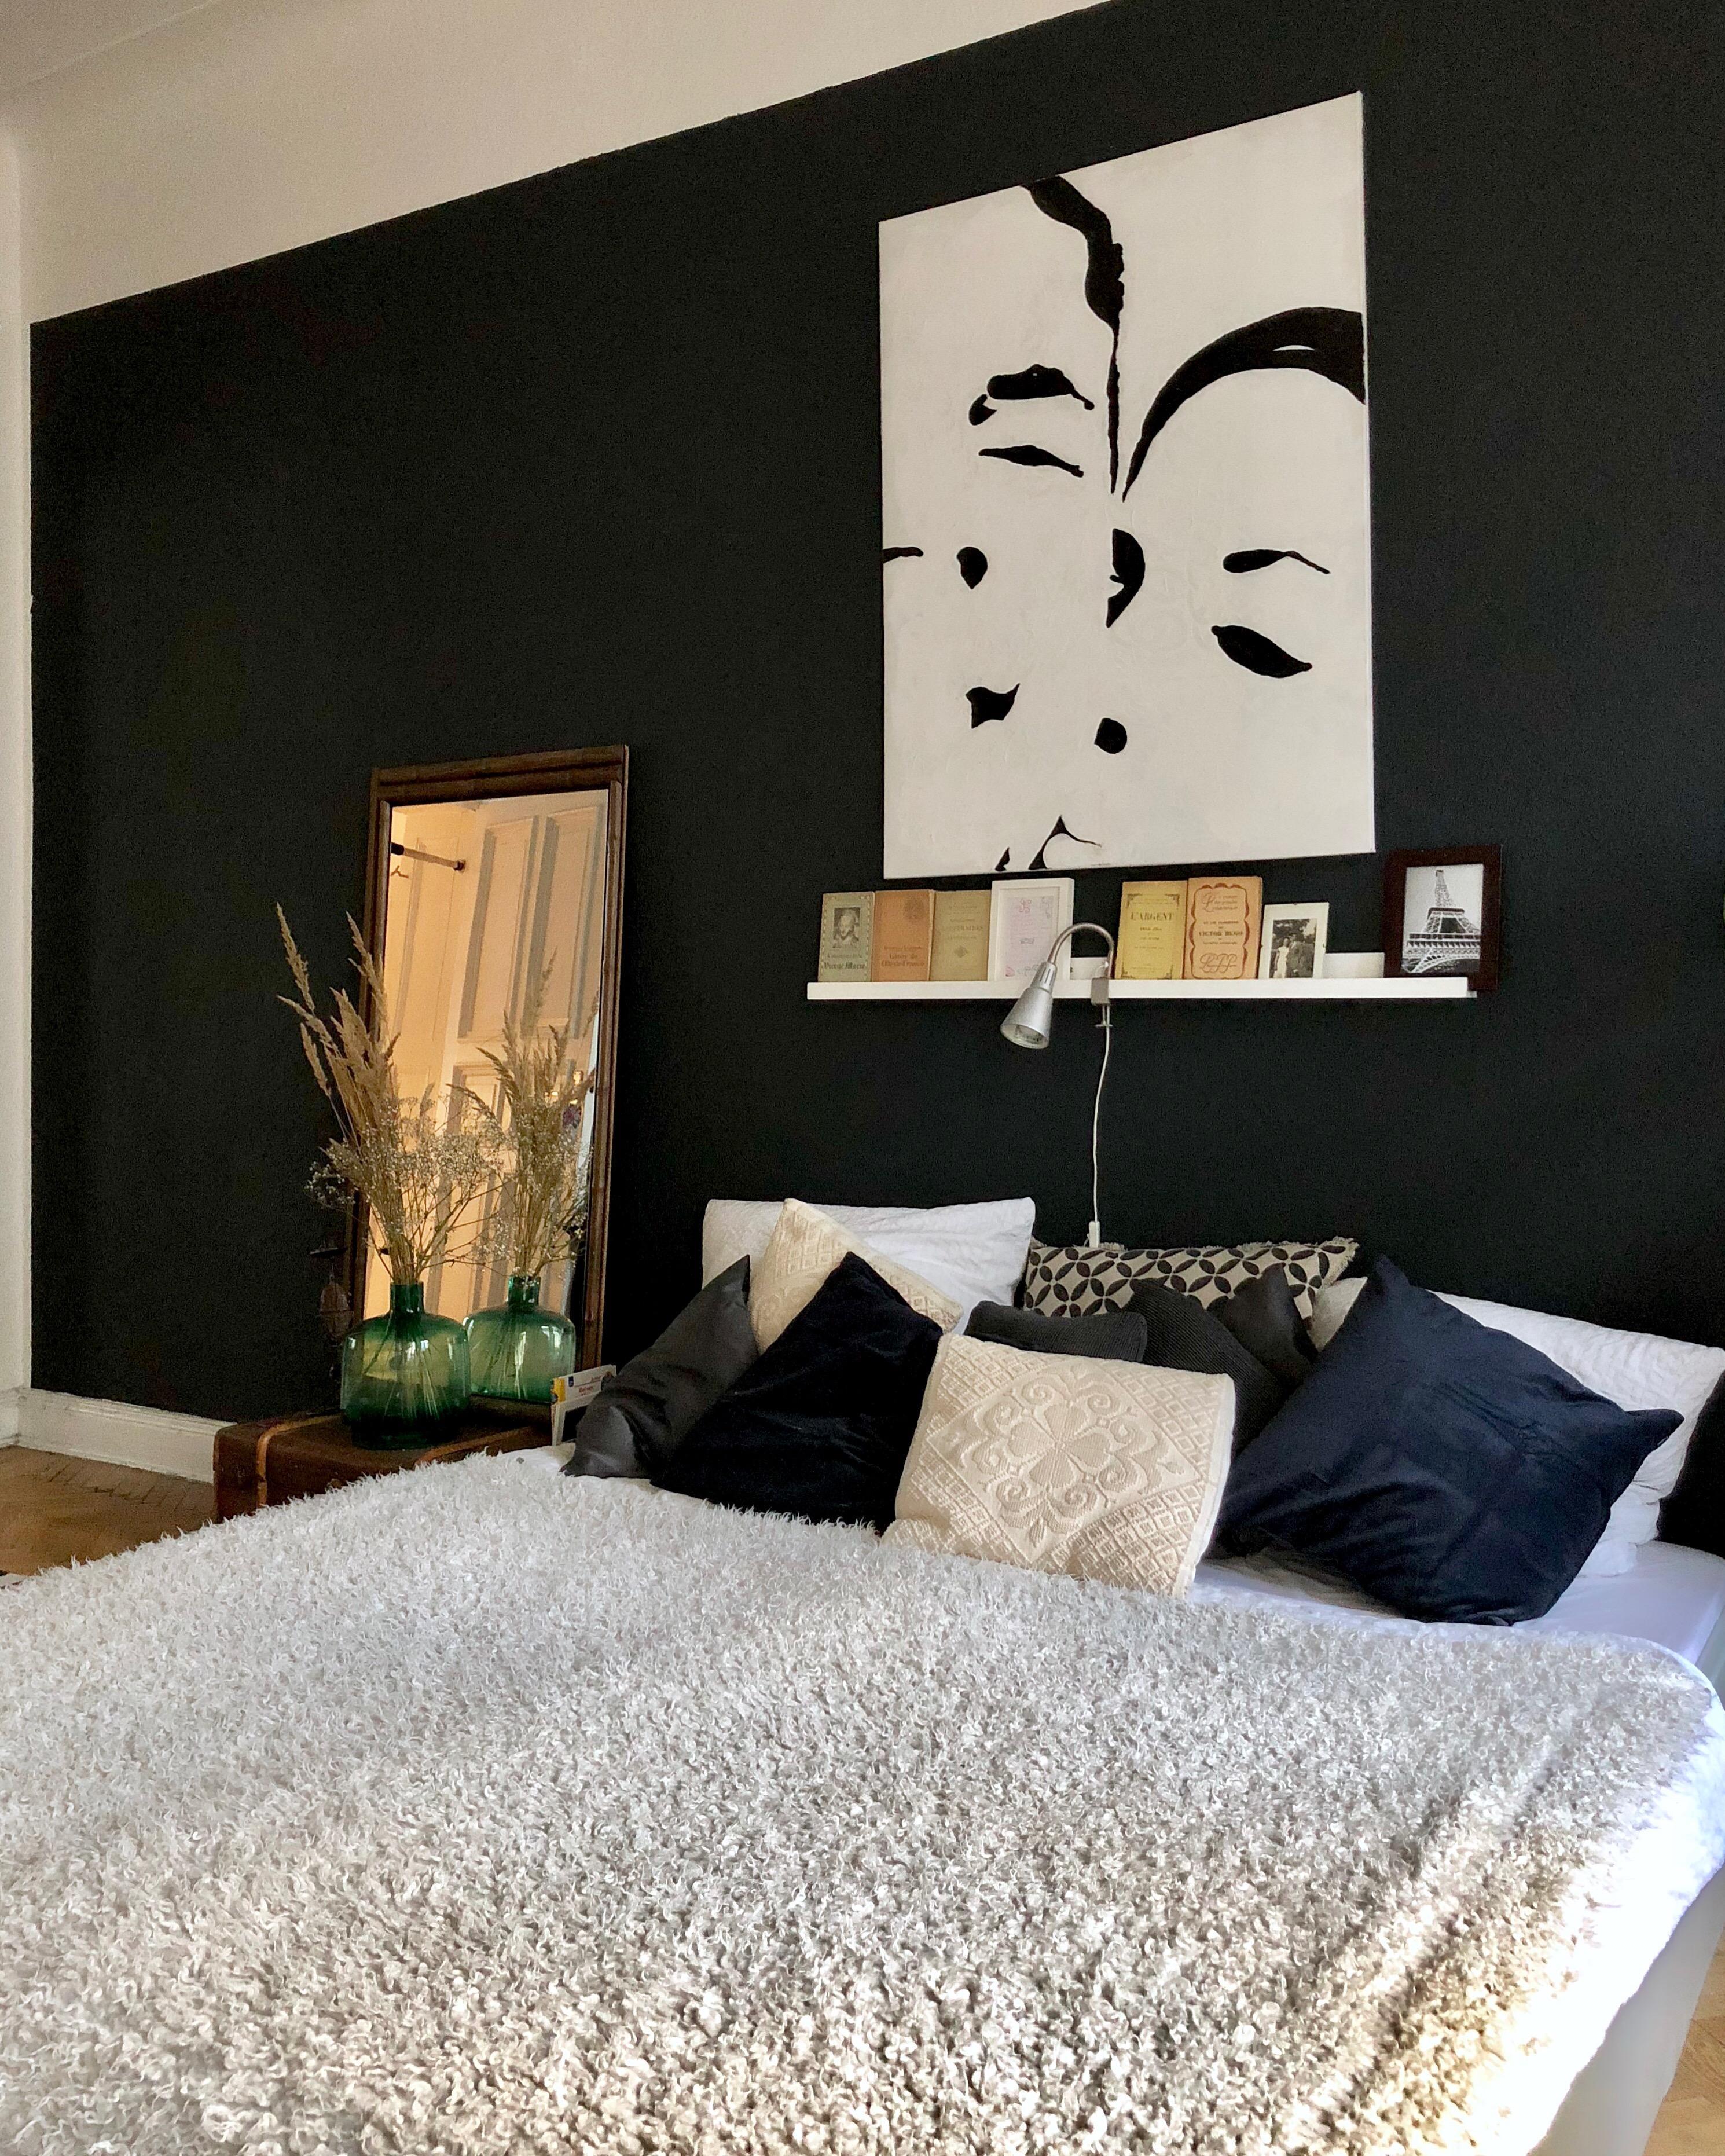 schlafzimmer berlin altbau blauewand schwarzewand dielen parkett altbauliebe